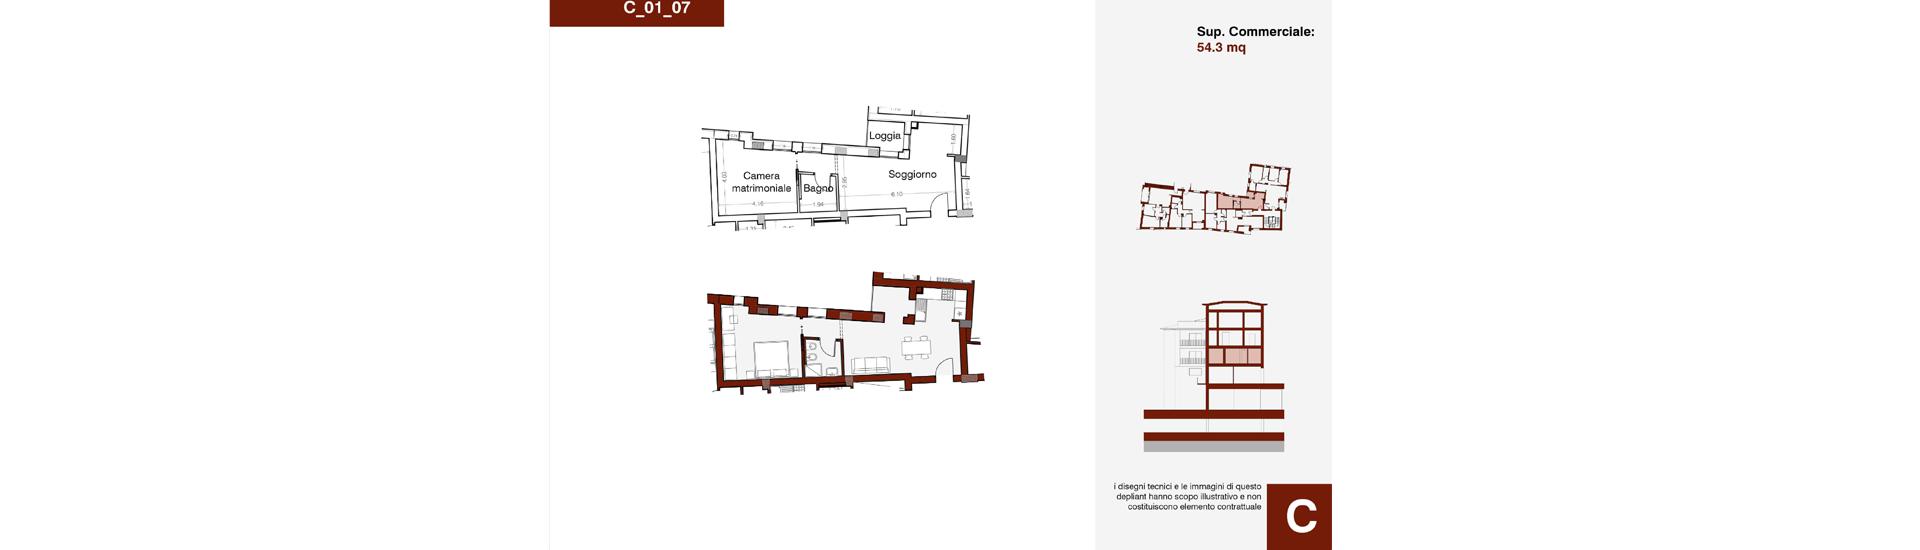 Edificio C, C_01_07, immagine completa